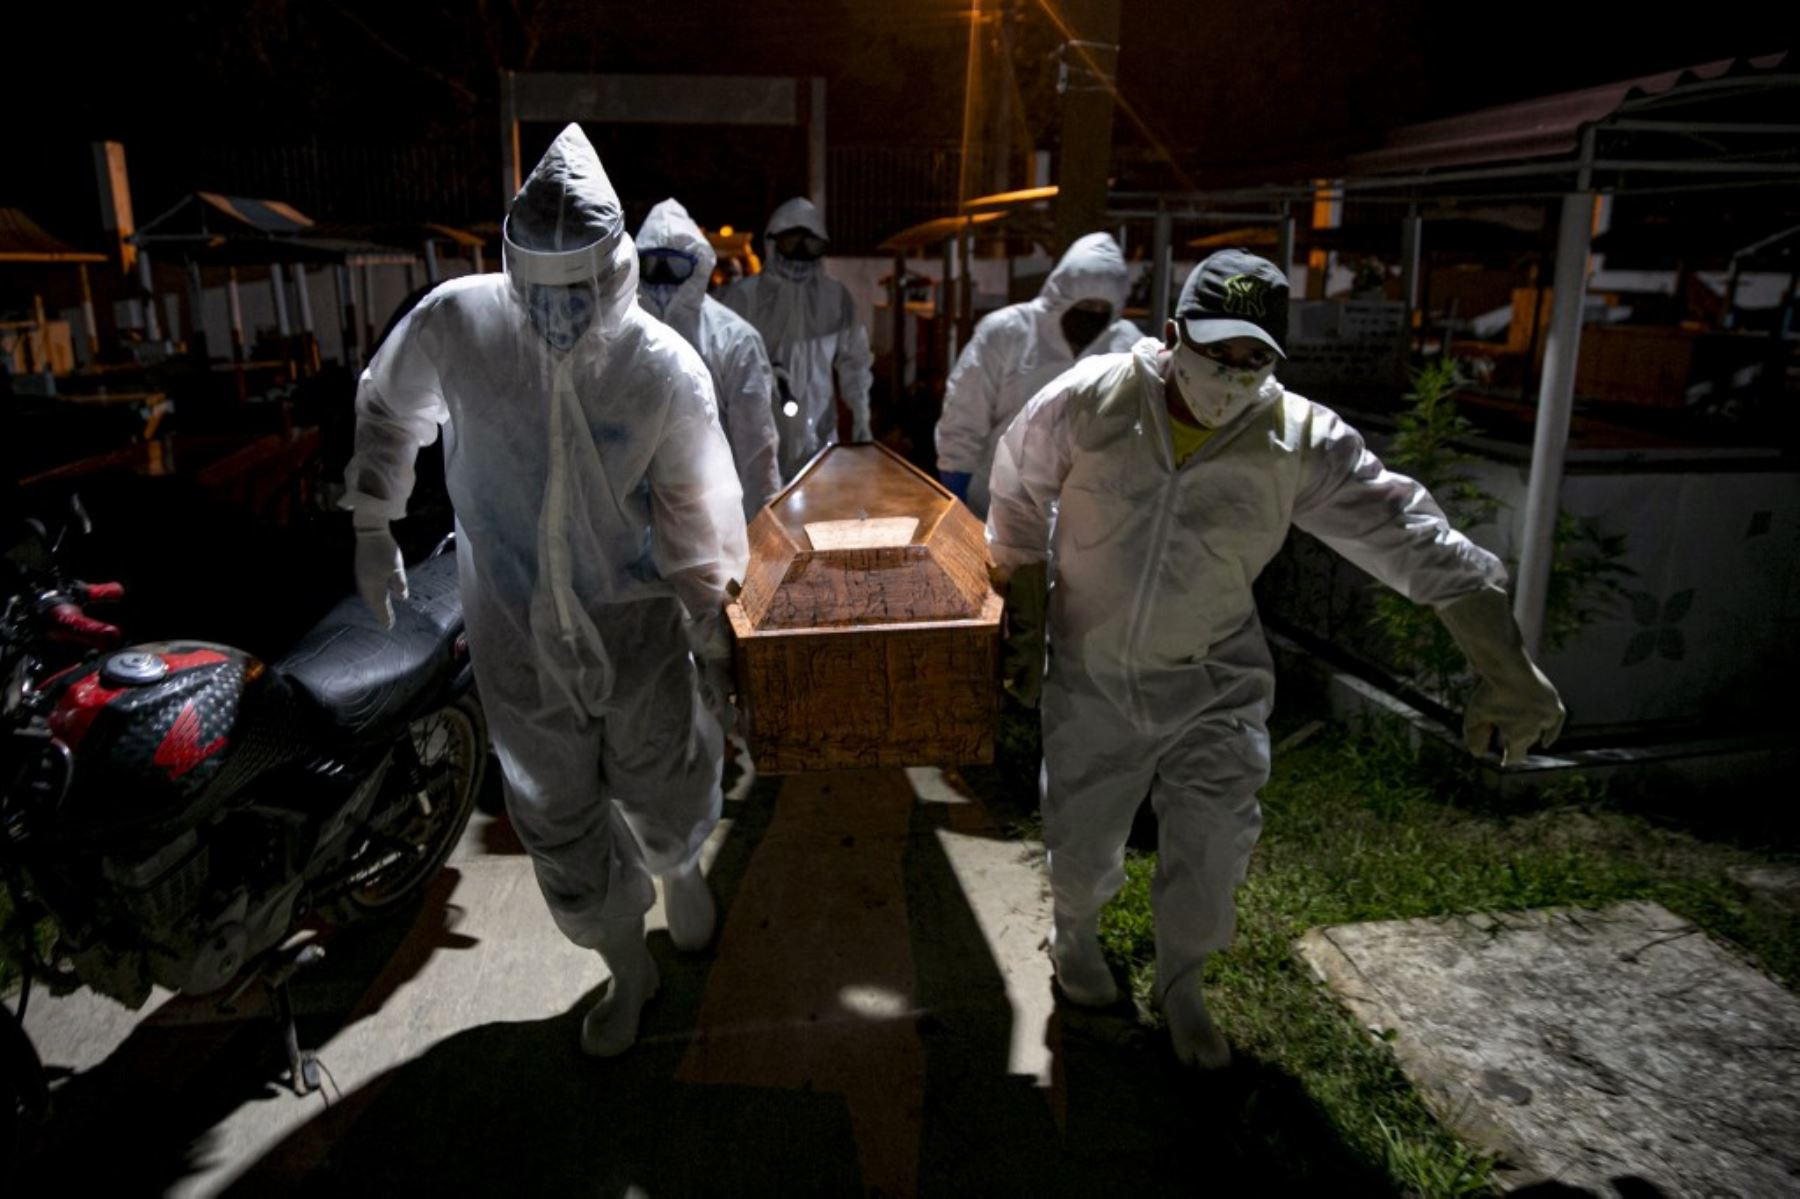 Los sepultureros con ropa protectora llevan el ataúd de una víctima del nuevo coronavirus COVID-19 para su entierro en el Cementerio Municipal de Recanto da Paz en la ciudad de Breves, Brasil. Foto: AFP